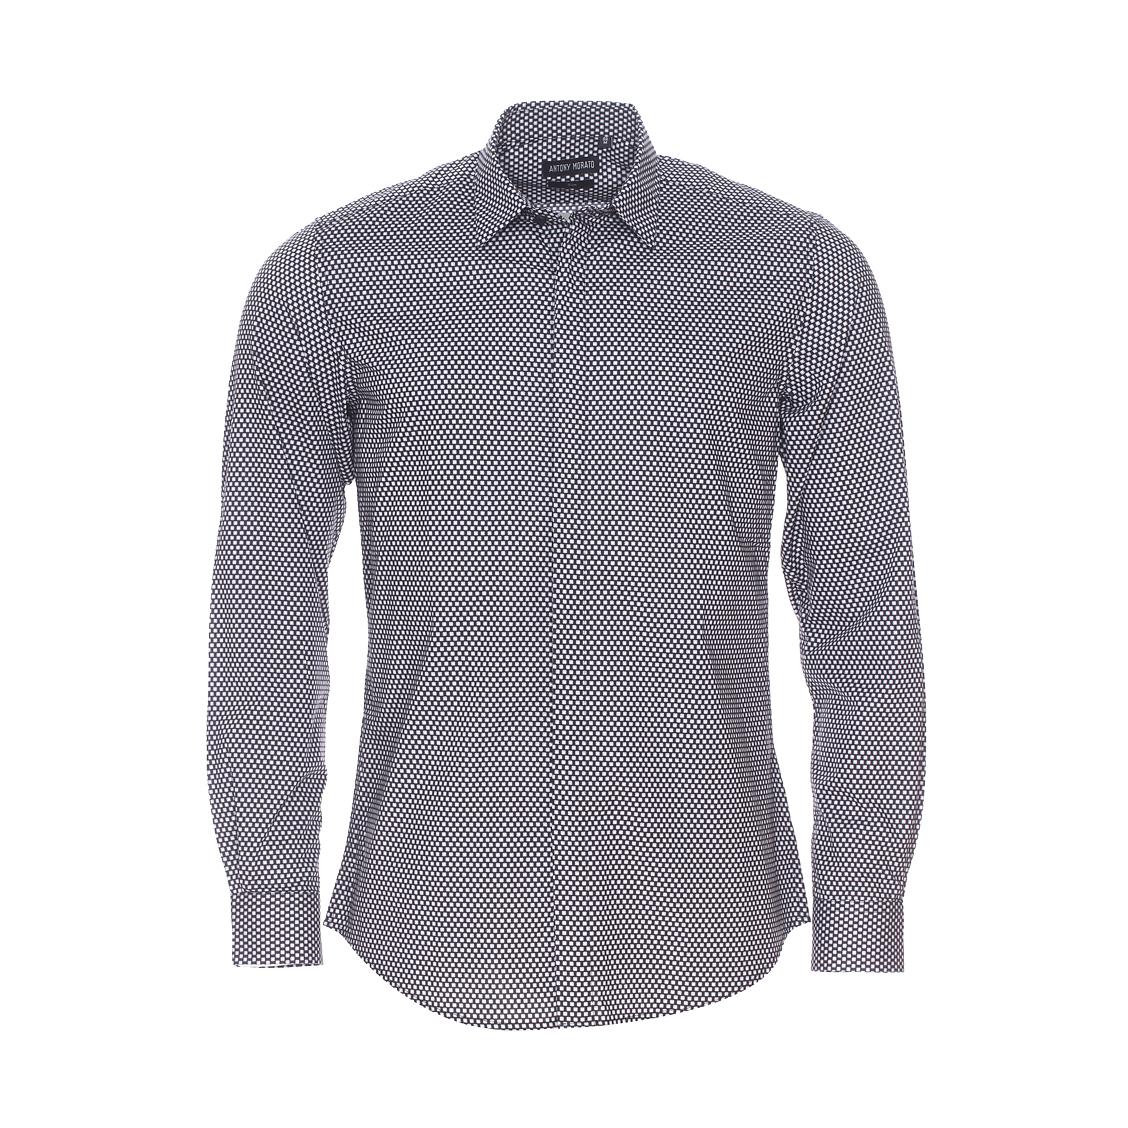 Chemise slim  en coton noir à petits motifs carrés gris et blancs